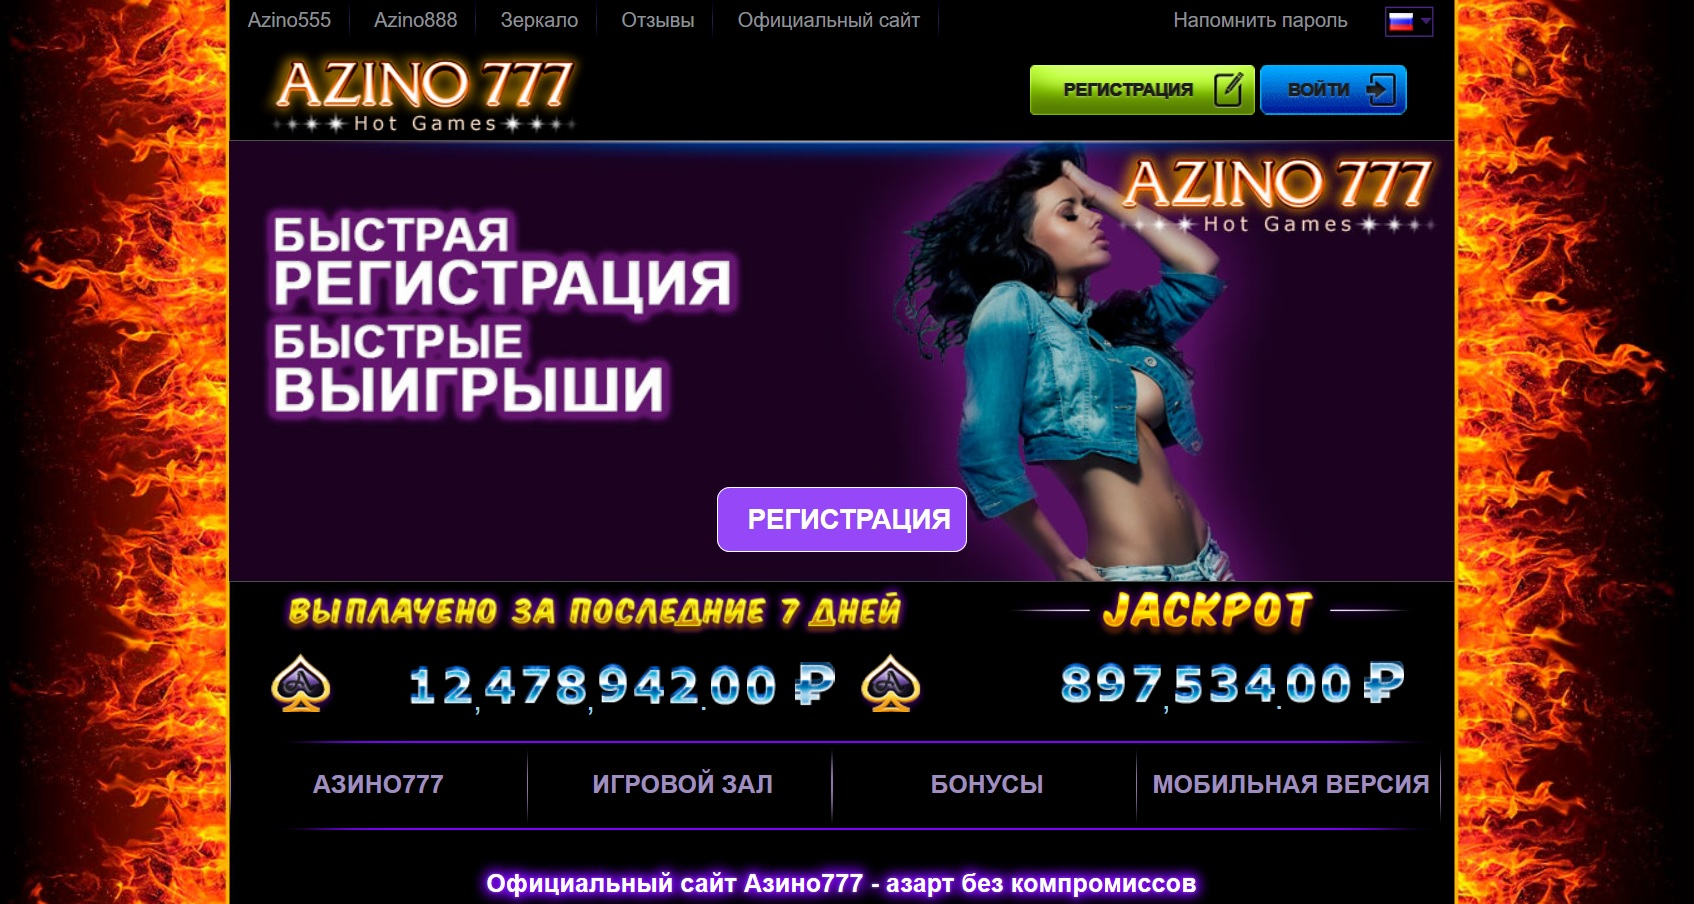 официальный азино 777